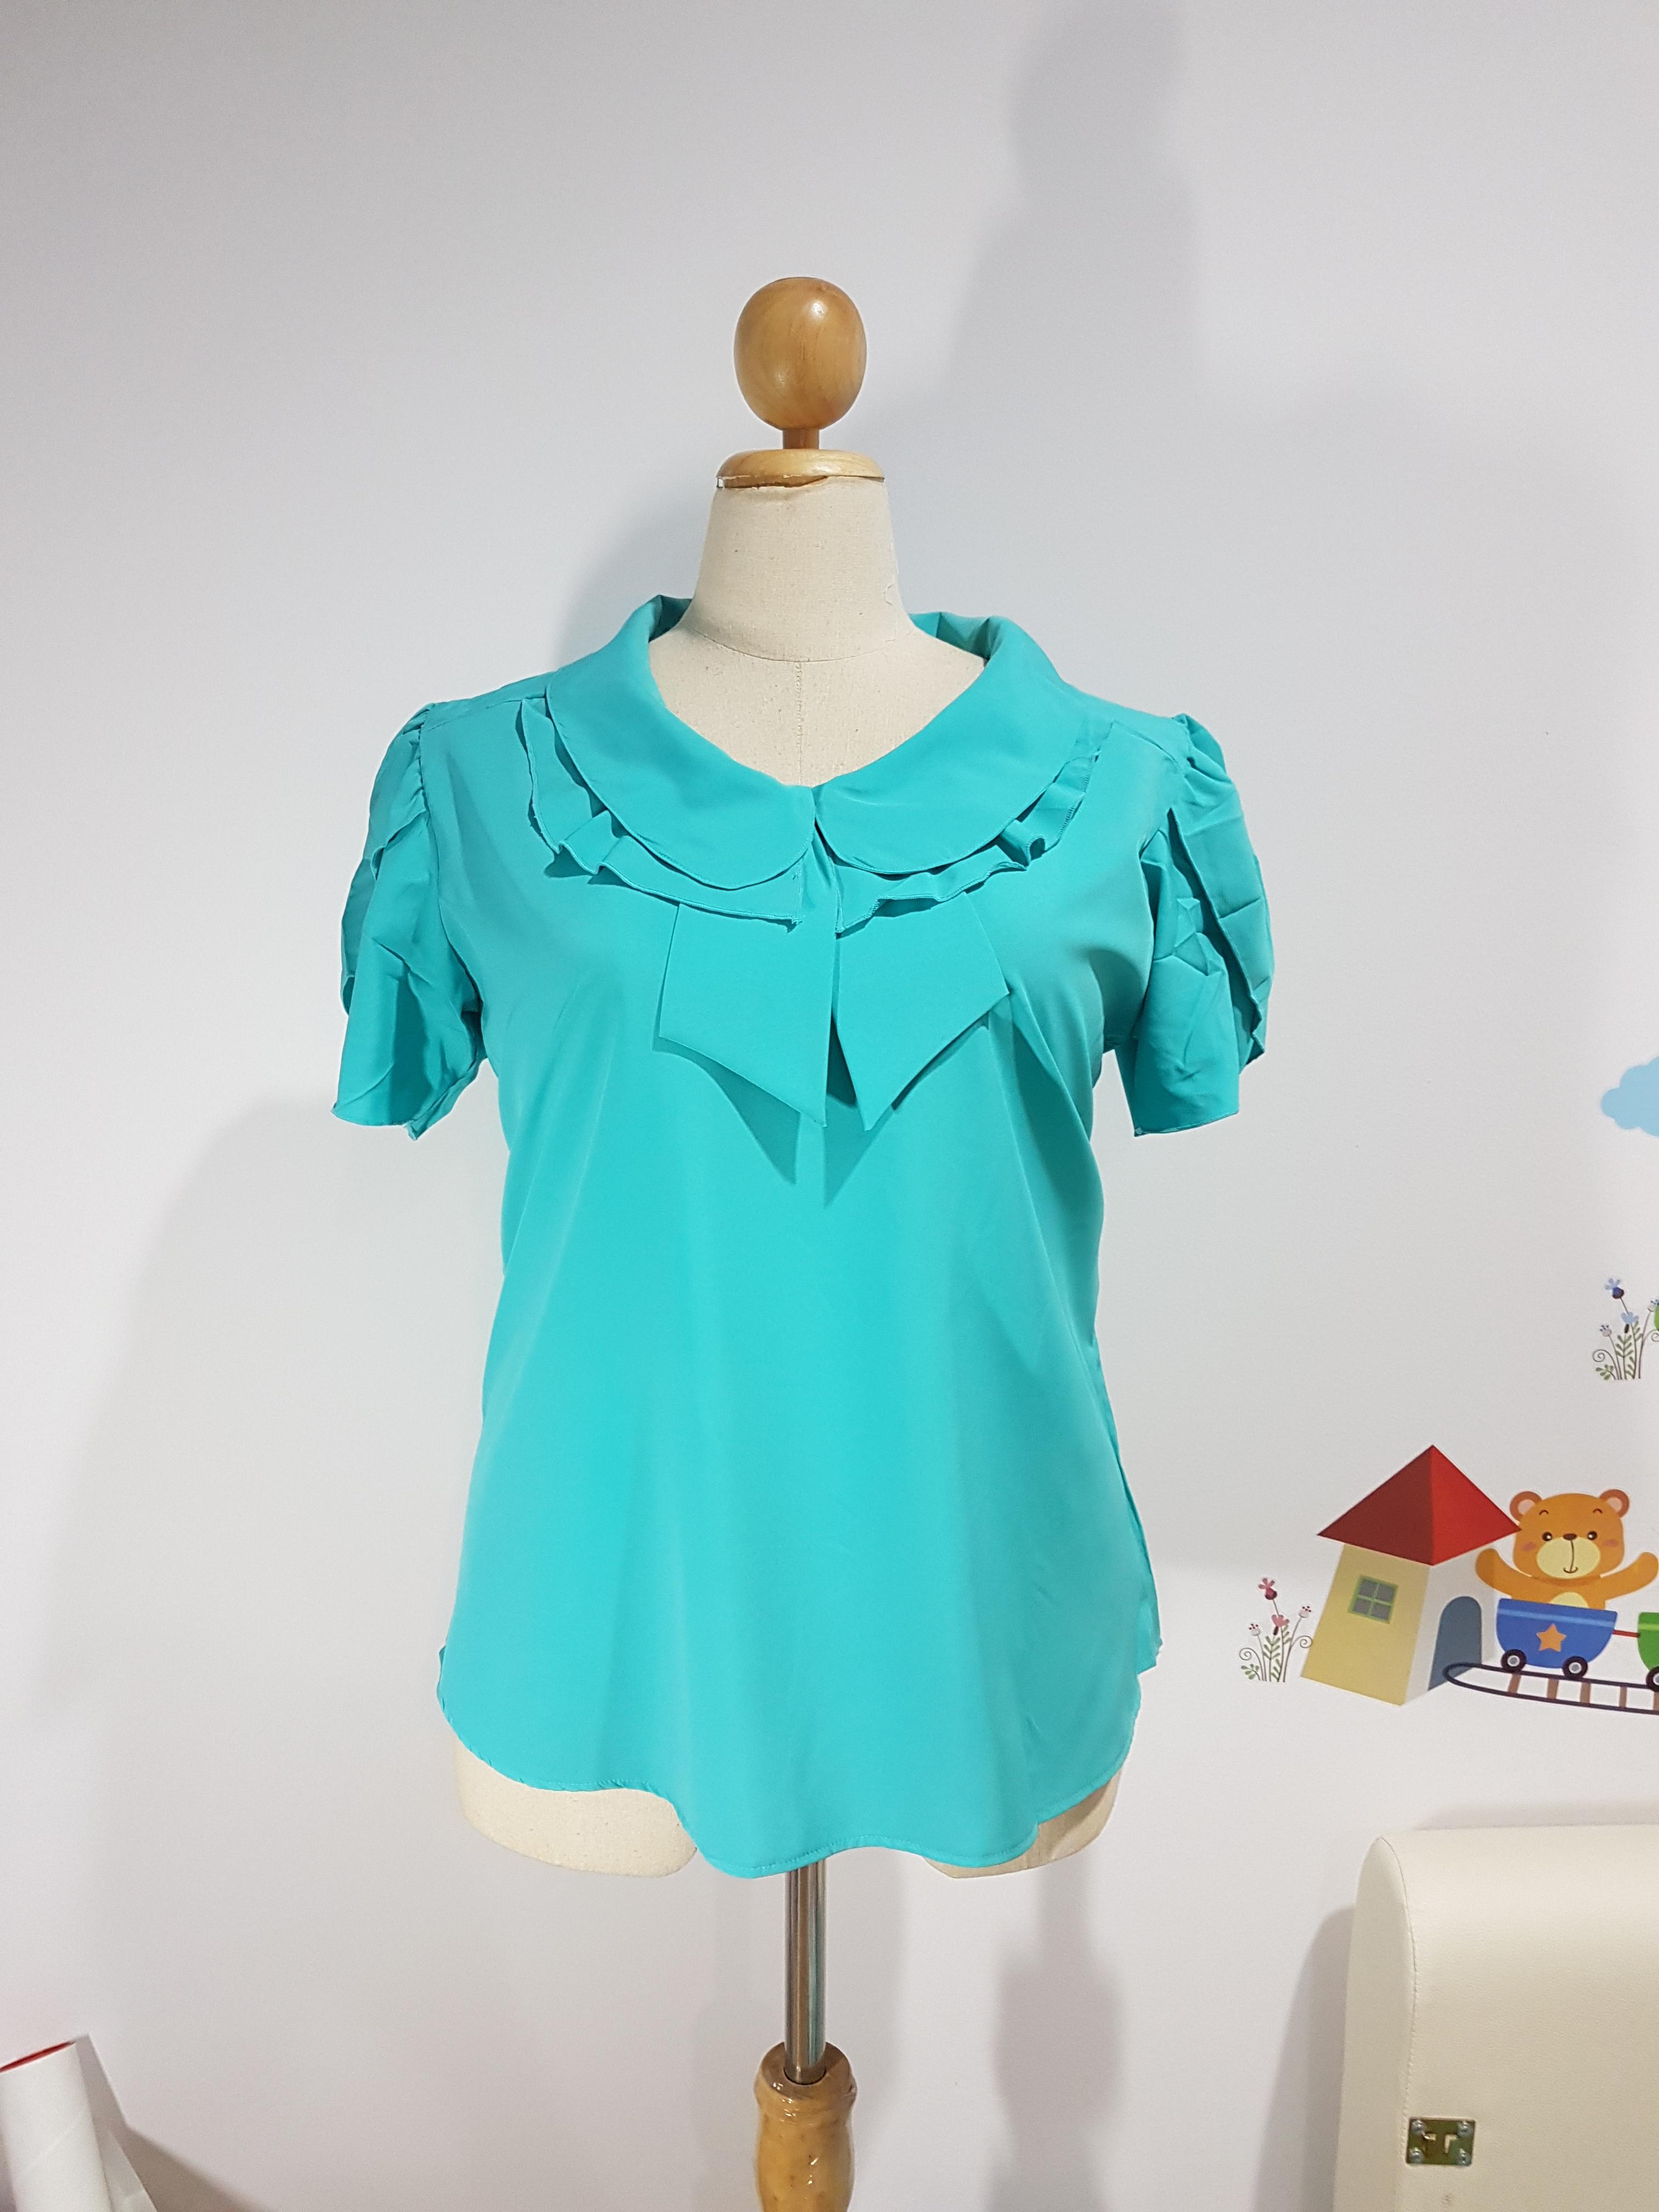 เสื้อ ผ้าไหมอิตาลี คอปกบัวซ้อน สีเขียว ไซส์ XXL อก 50 นิ้ว